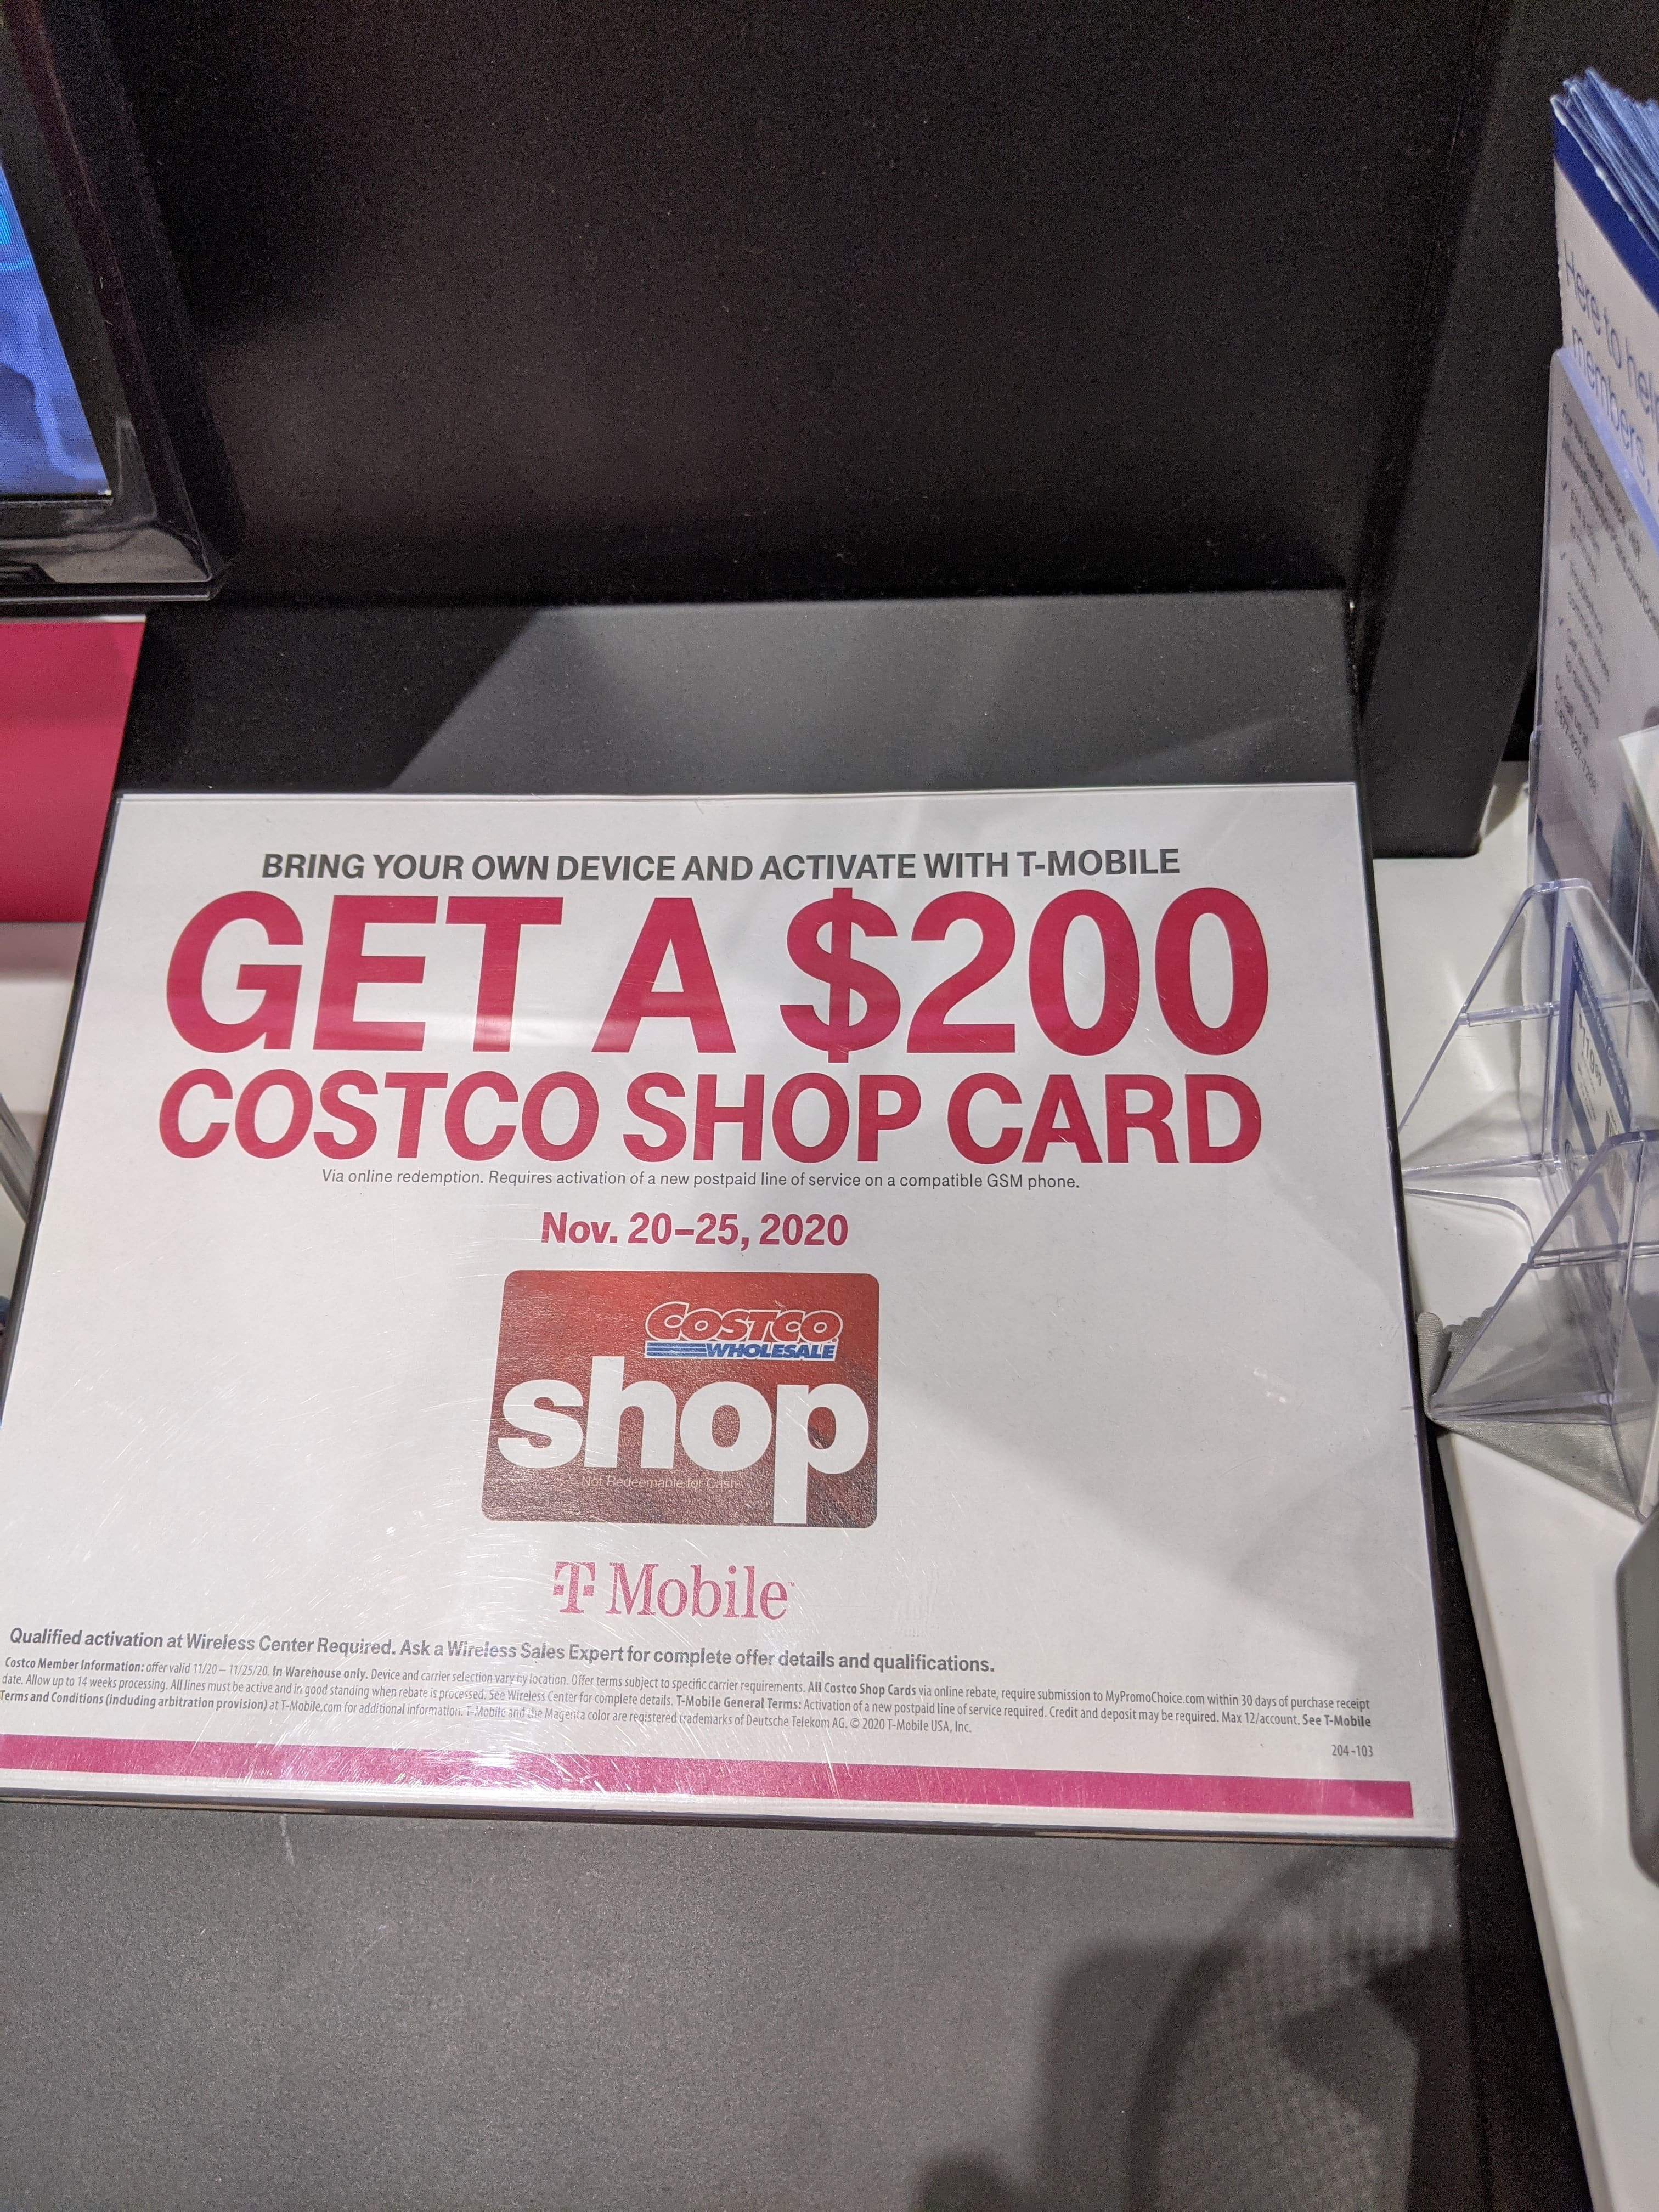 Costco -Add a line T-Mobile BYOD get 200 Costco shop card